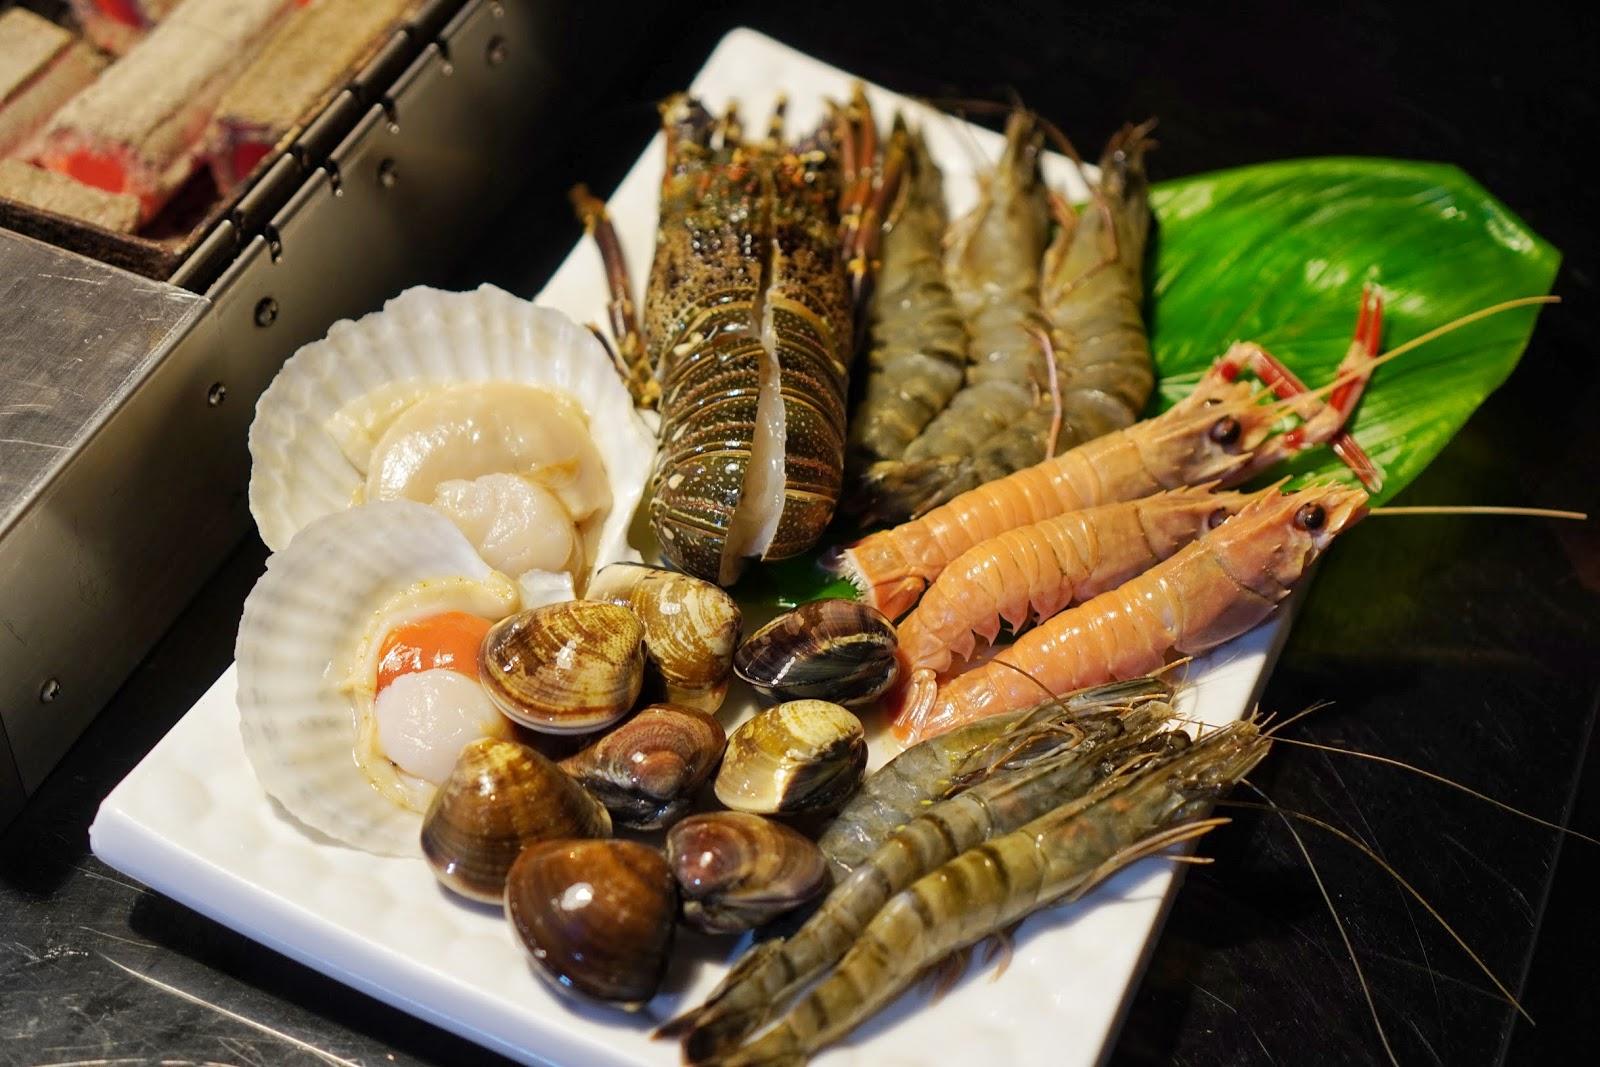 台南安平區美食【請上桌國際港灣】生猛海鮮拼盤